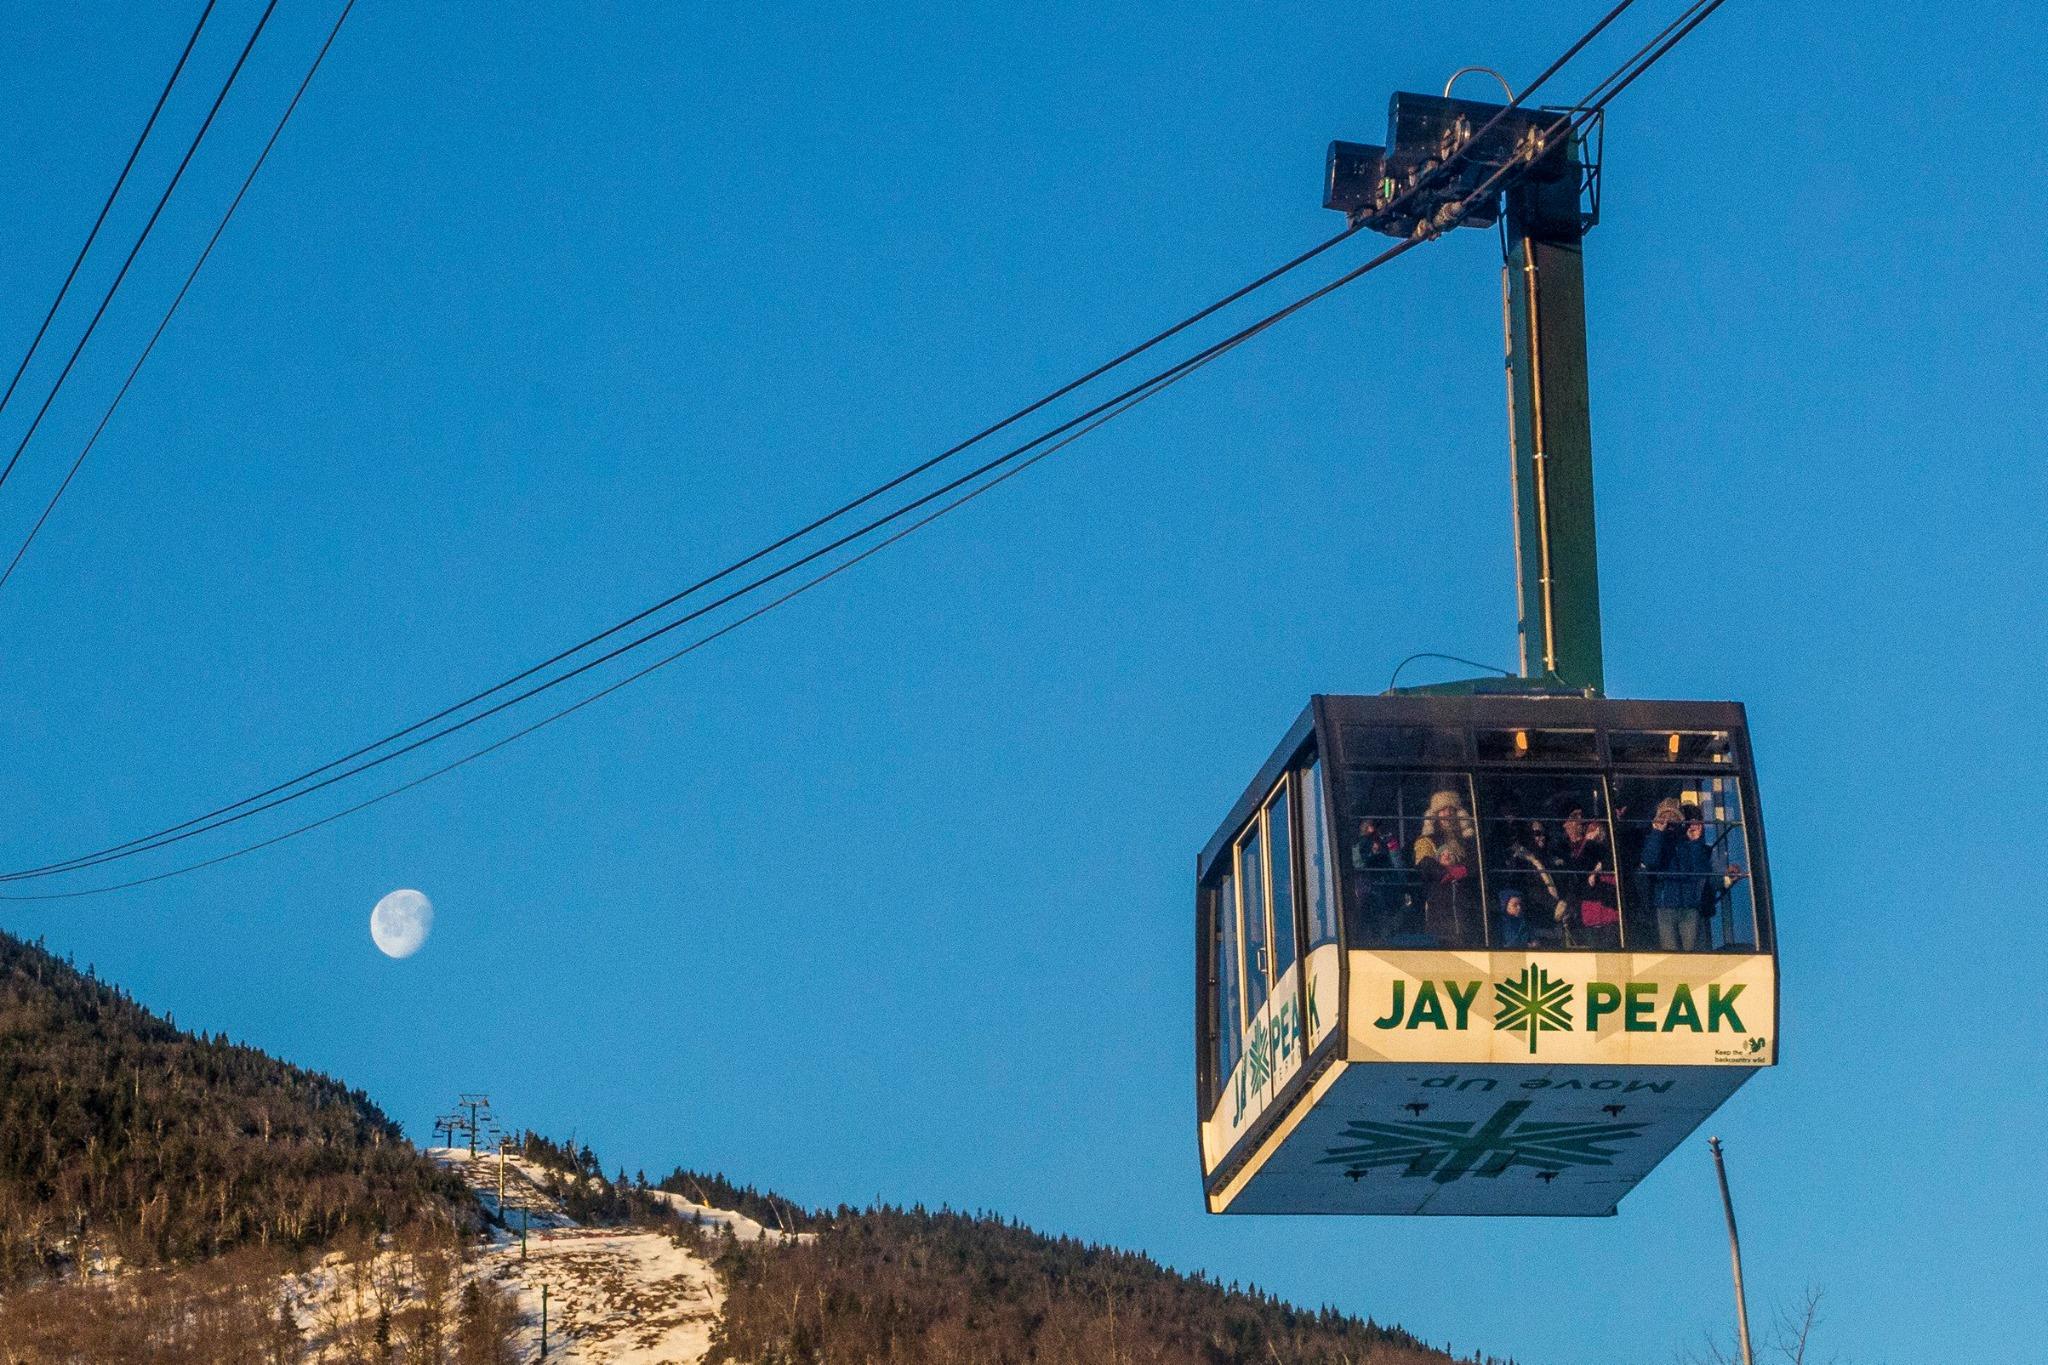 jay peak 2_399760